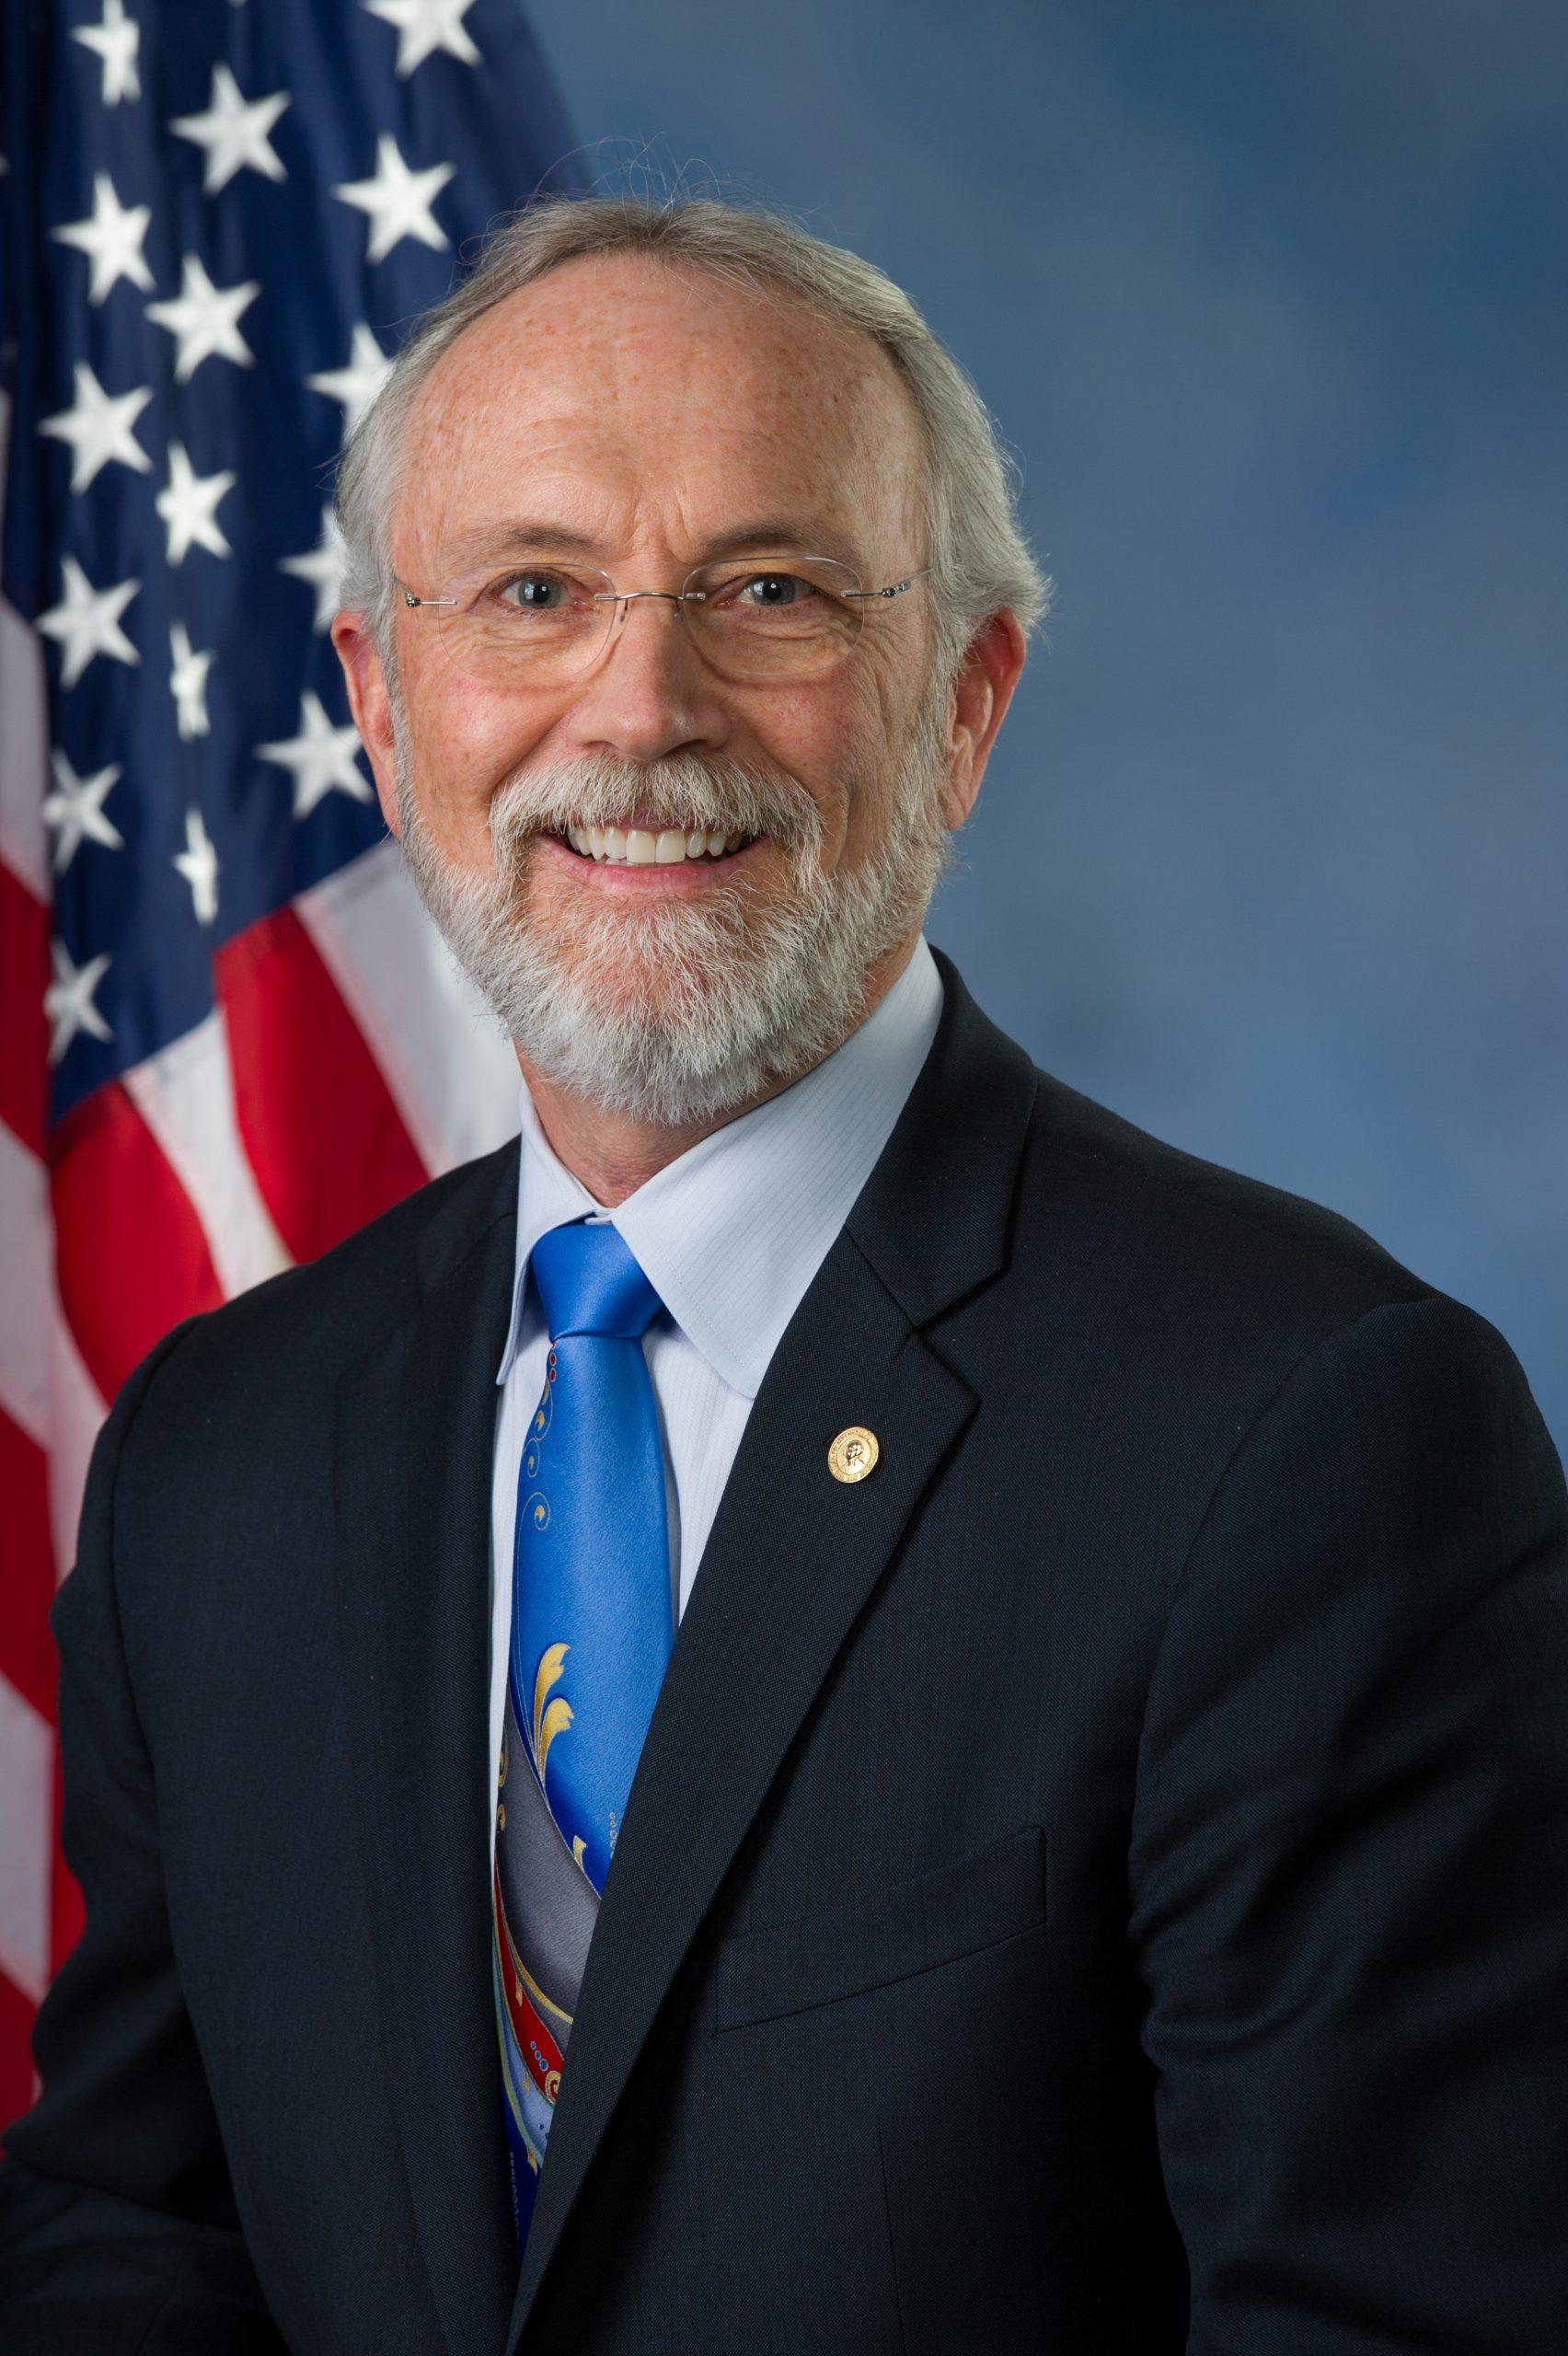 Rep. Dan Newhouse